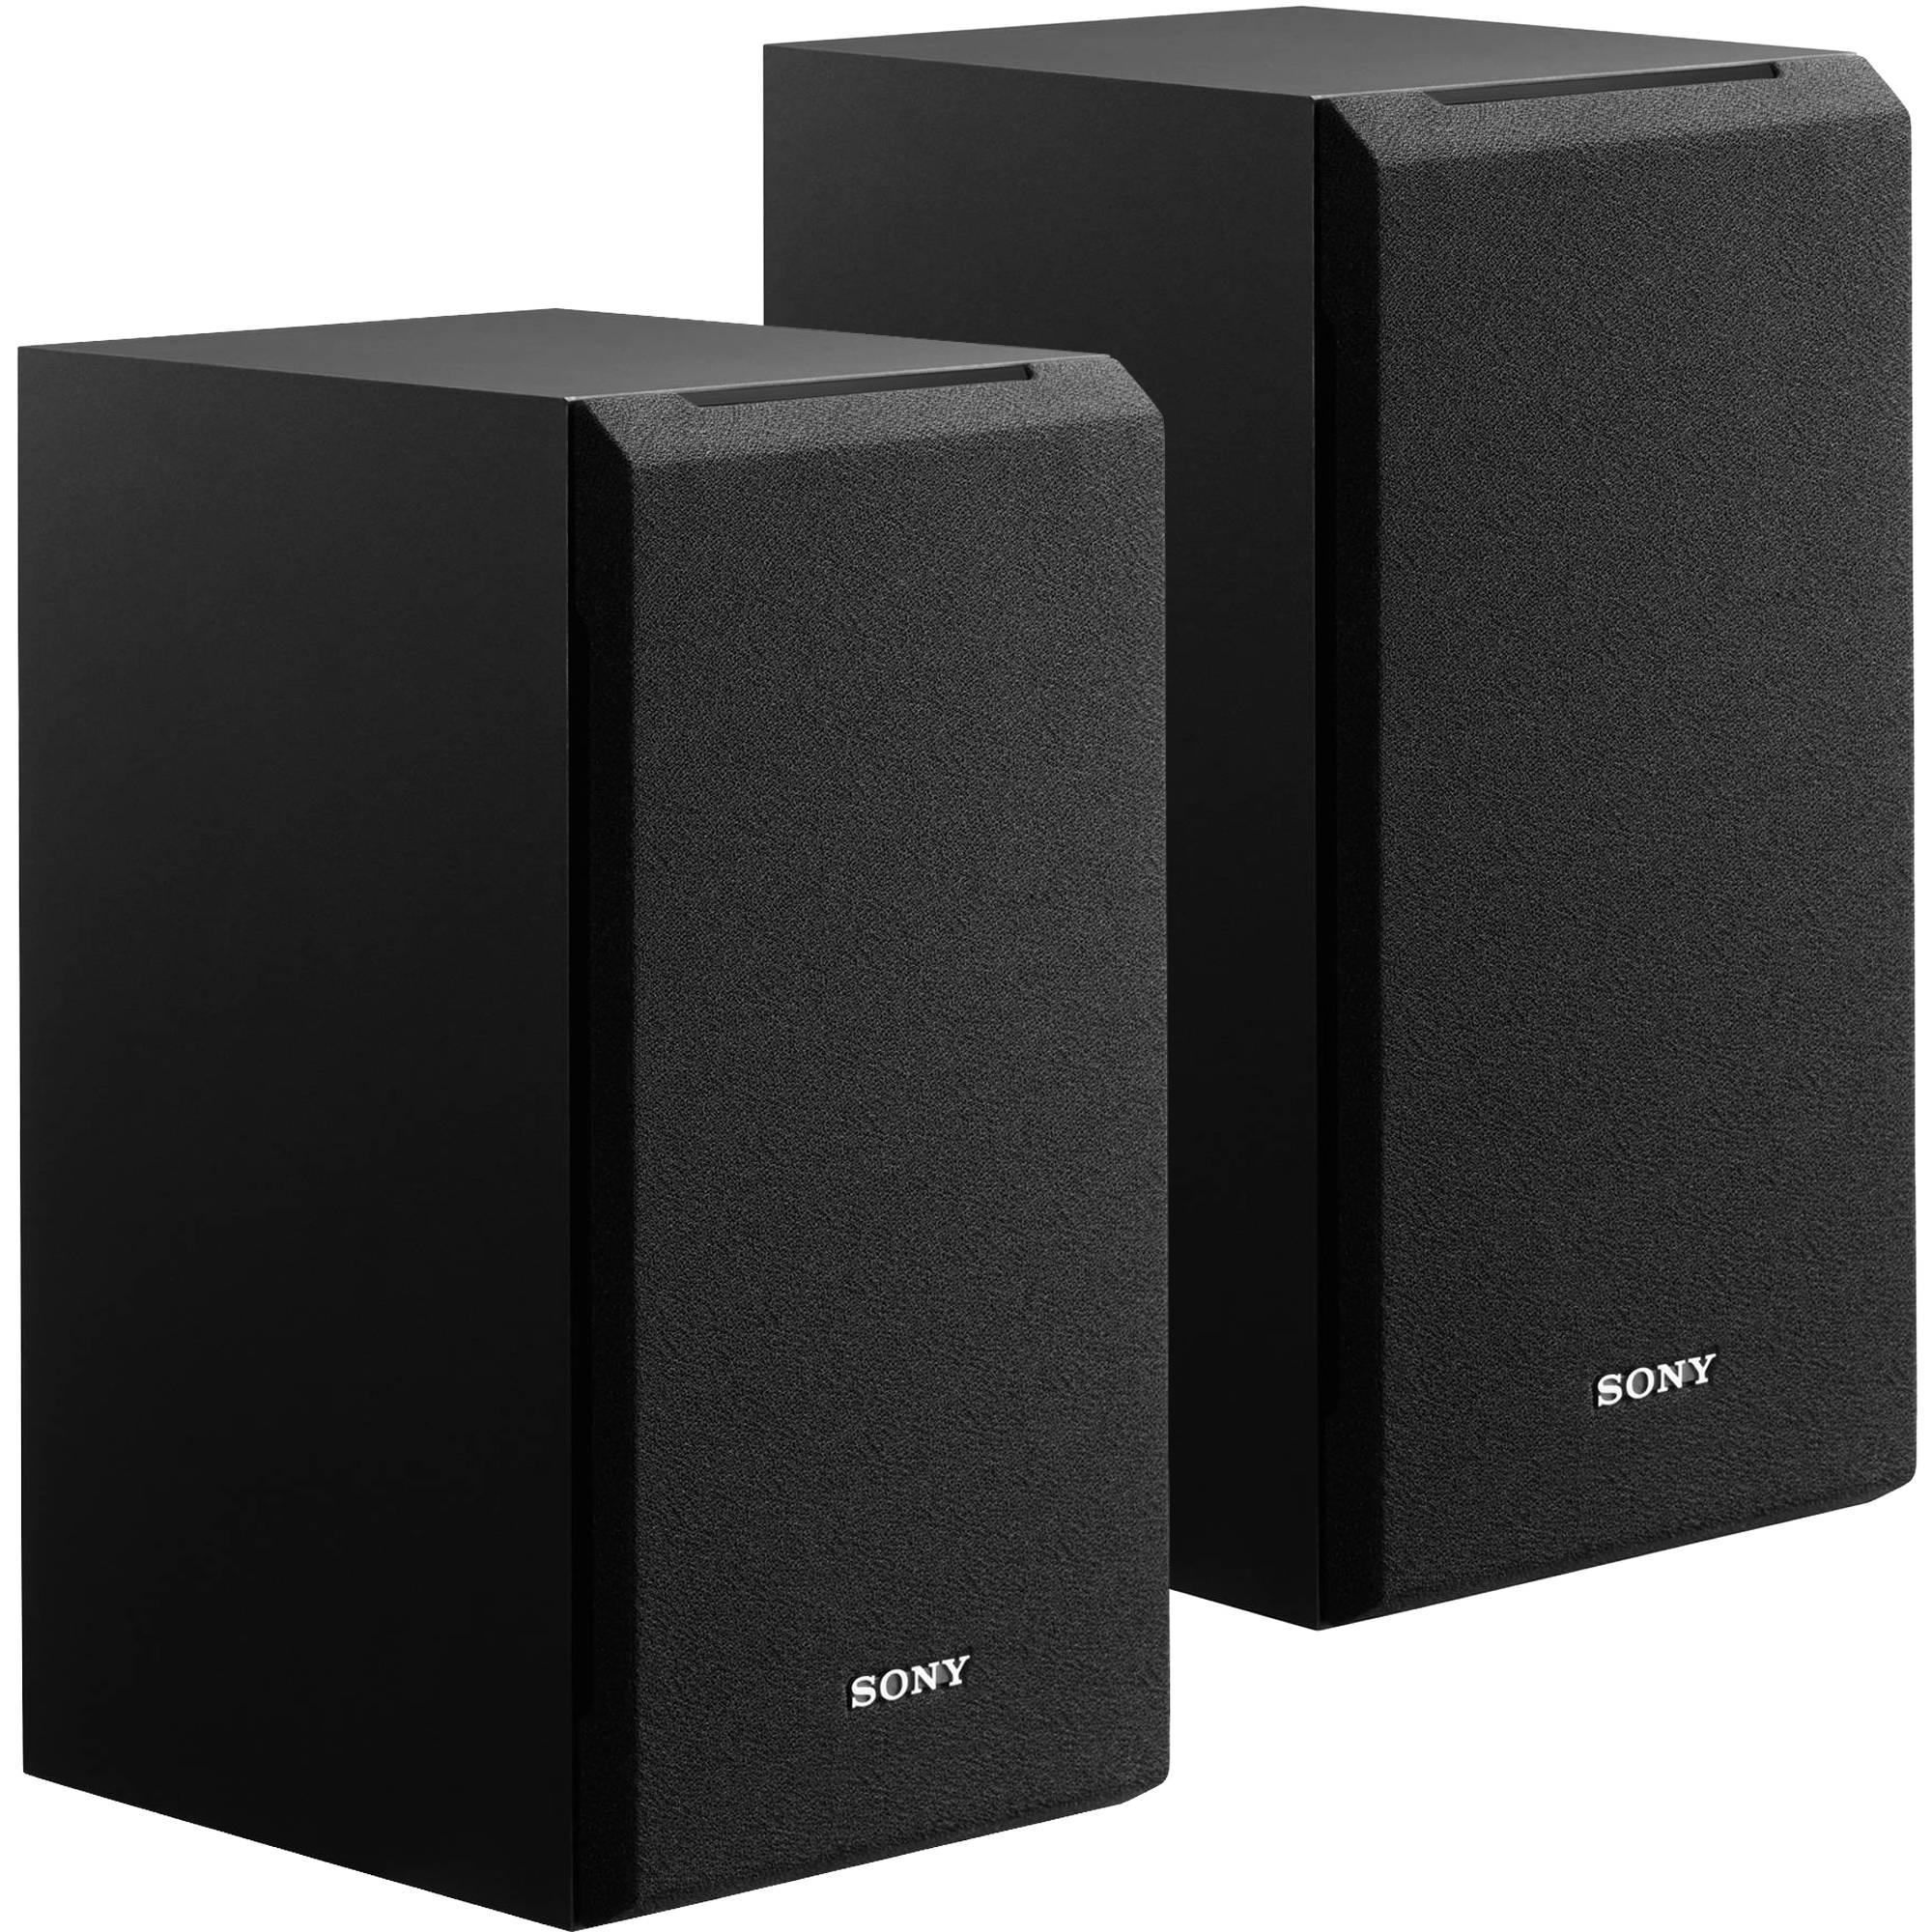 hight resolution of sony ss cs5 3 way bookshelf speaker pair ss cs5 b h photo video wiring speaker pair stereo bookshelf speakers home speakers